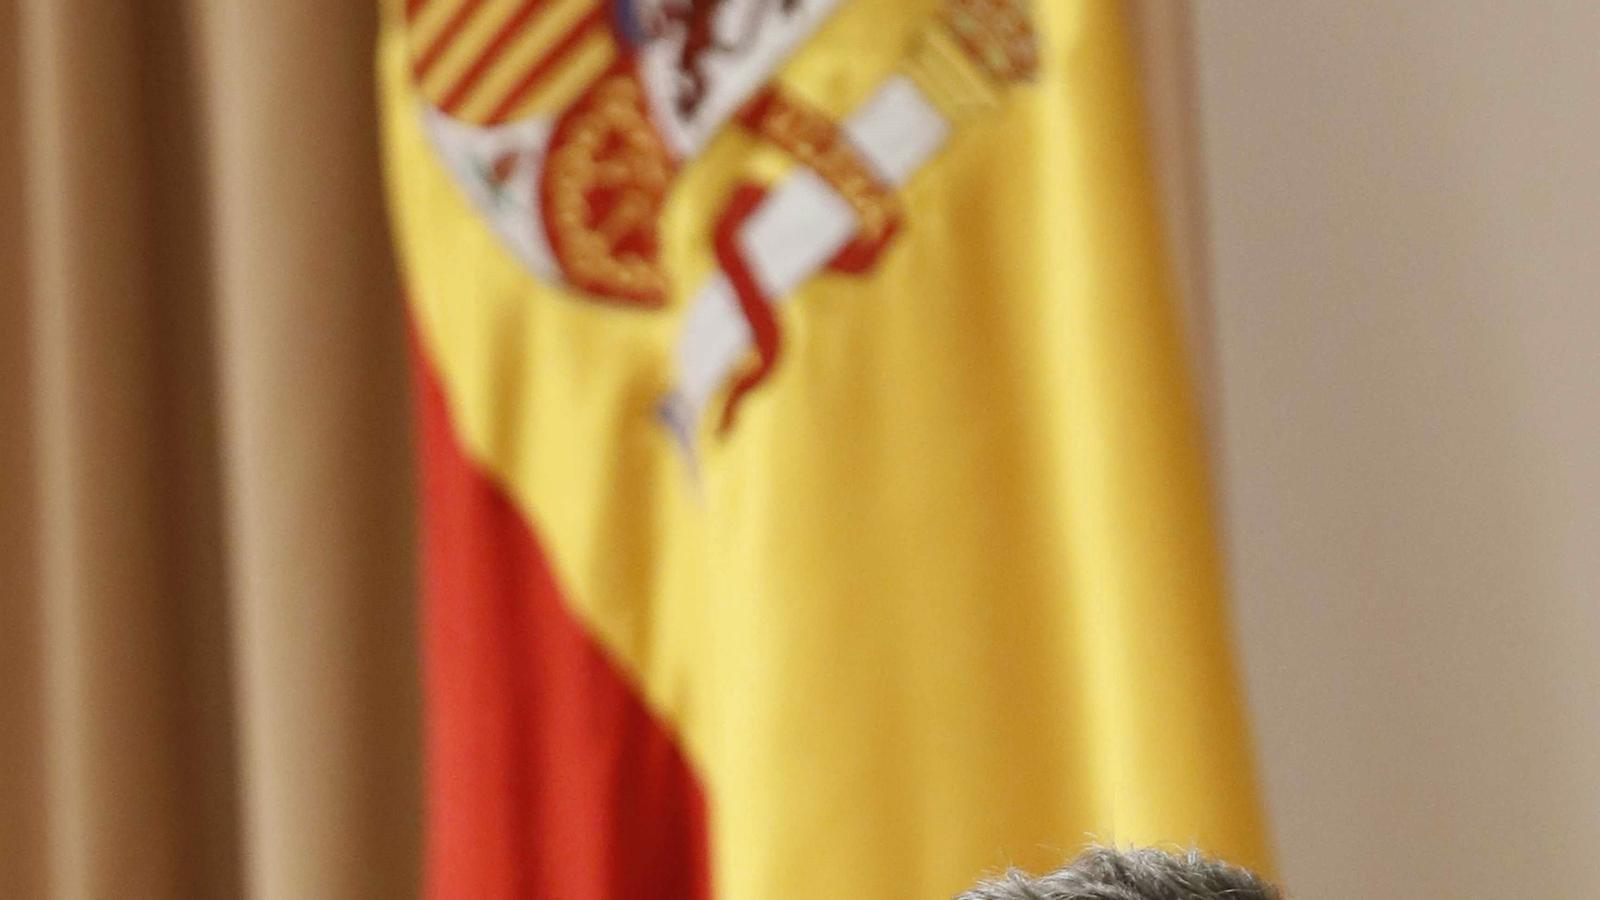 Espanya ha perdut una dècima de creixement econòmic arran de l'1-O, segons l'Airef